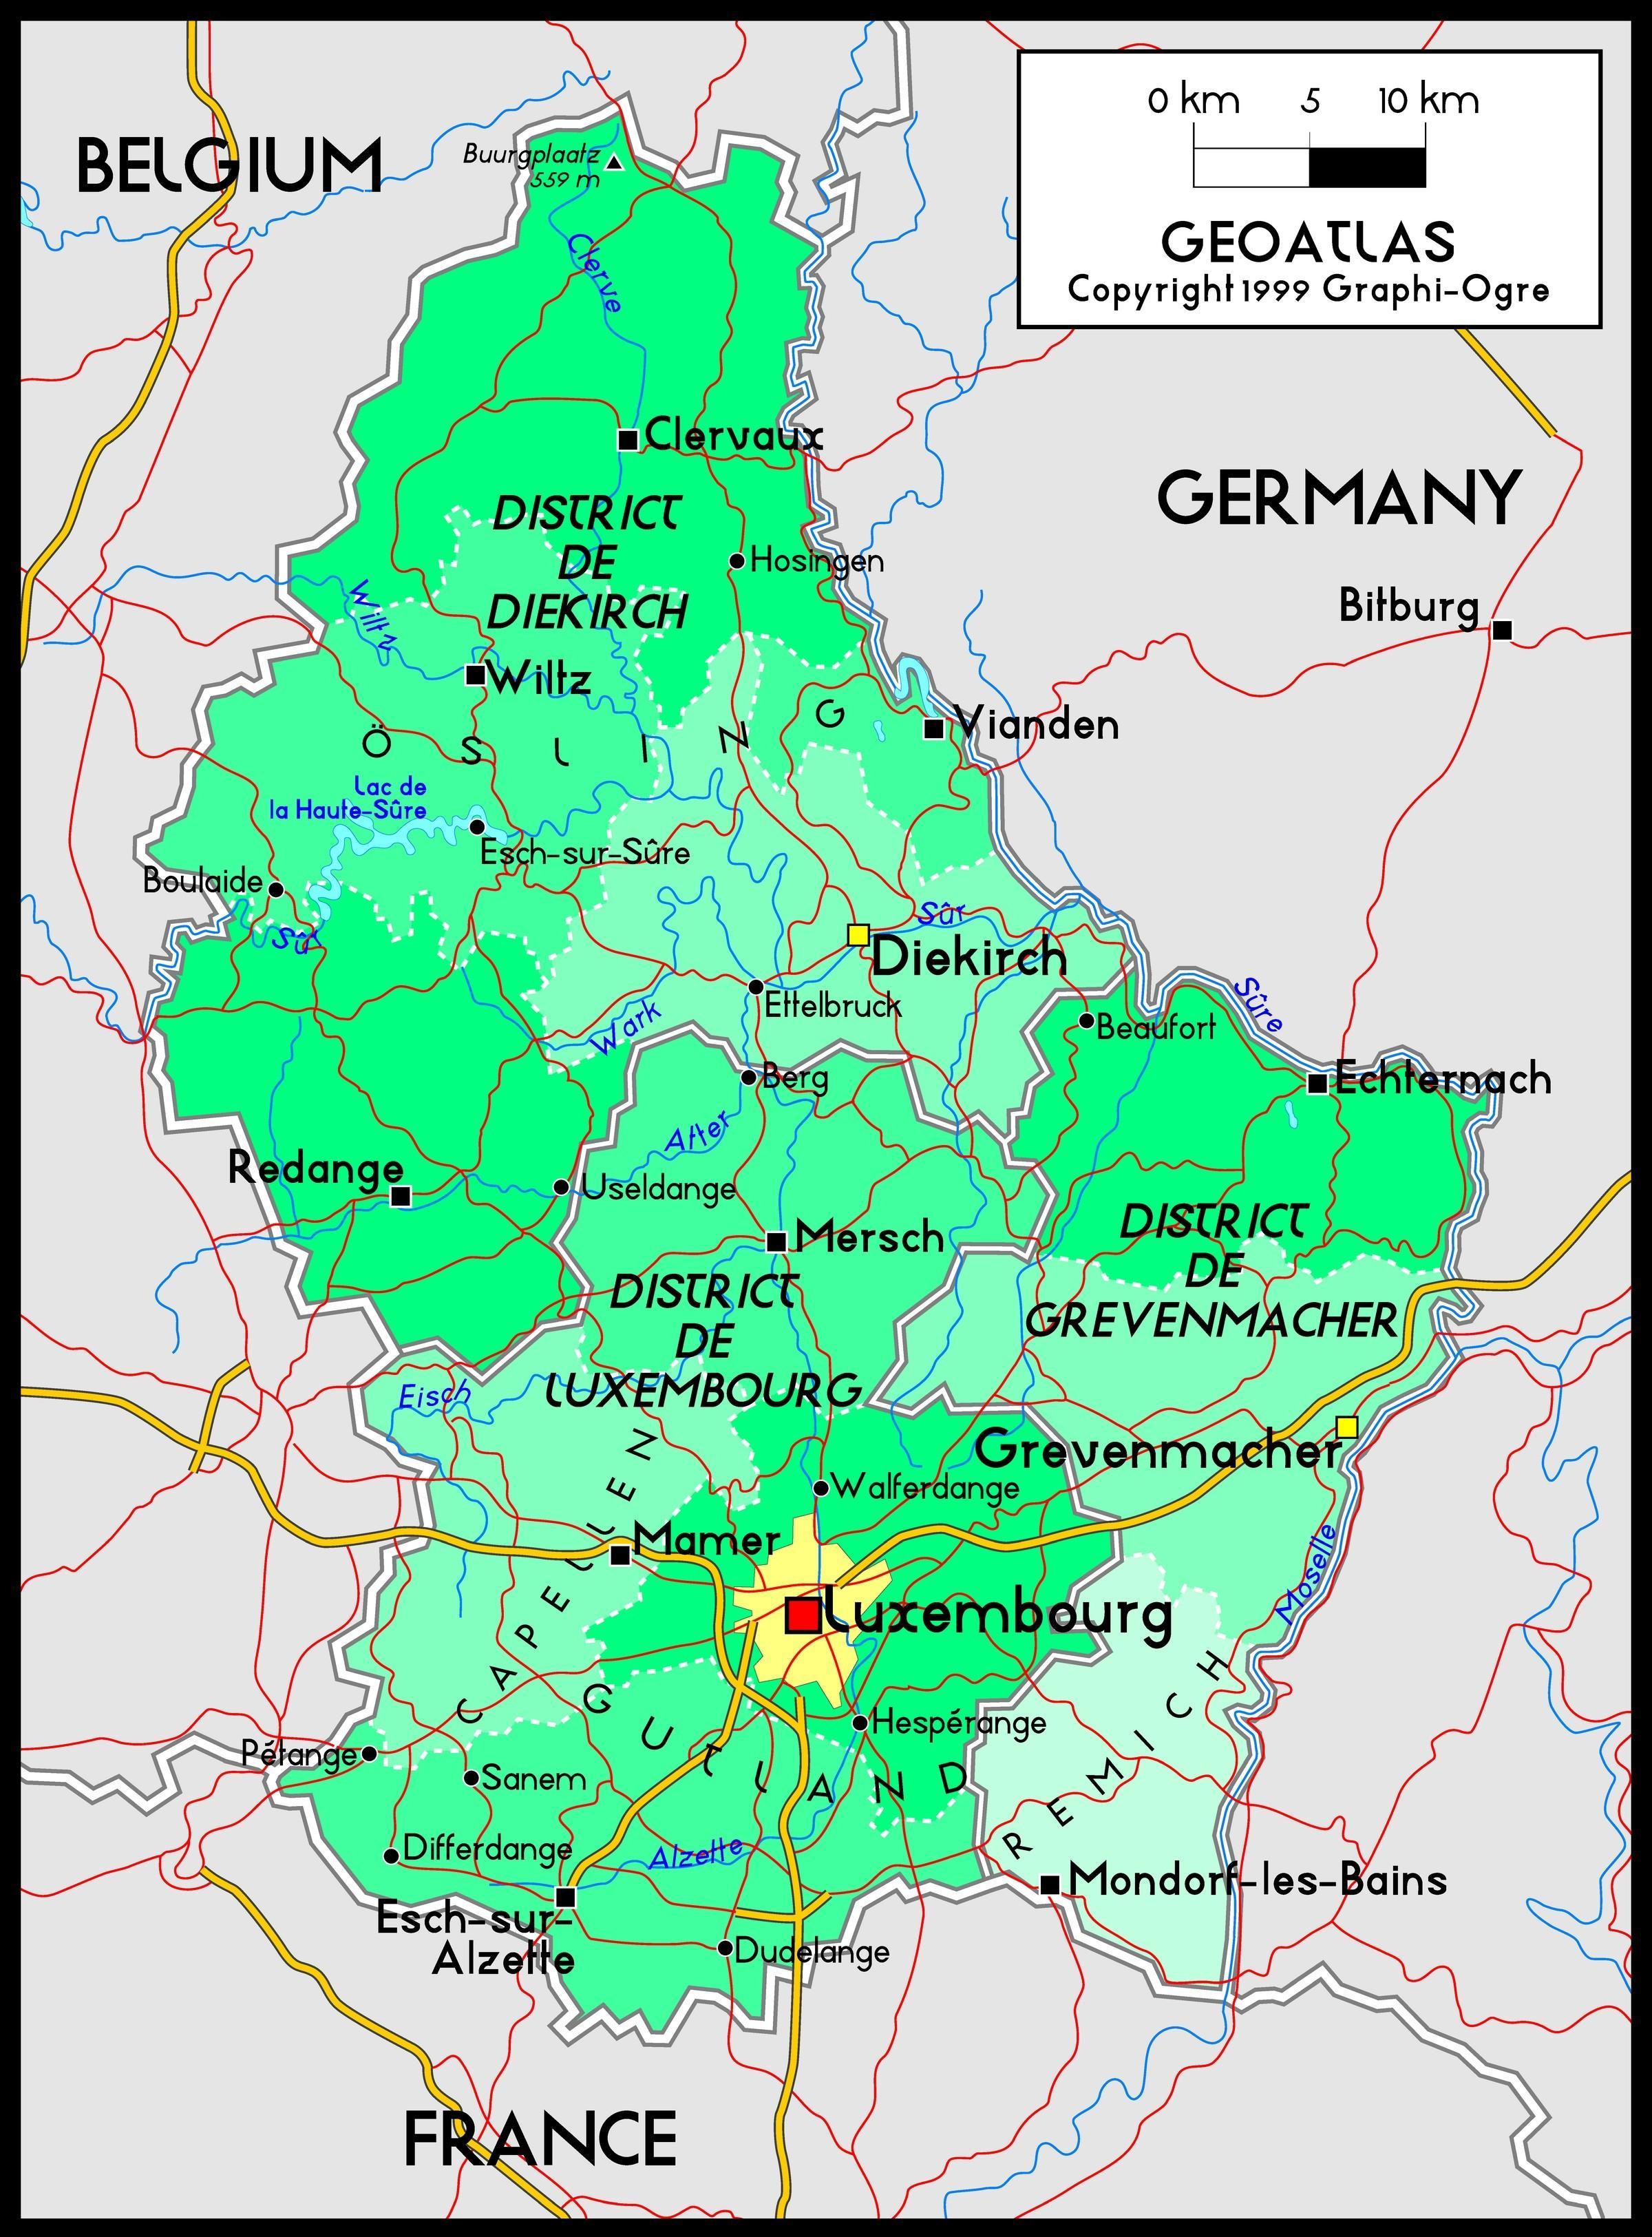 Luxembourg Hartă Luxembourg Hartă Locație Europa De Vest Europa